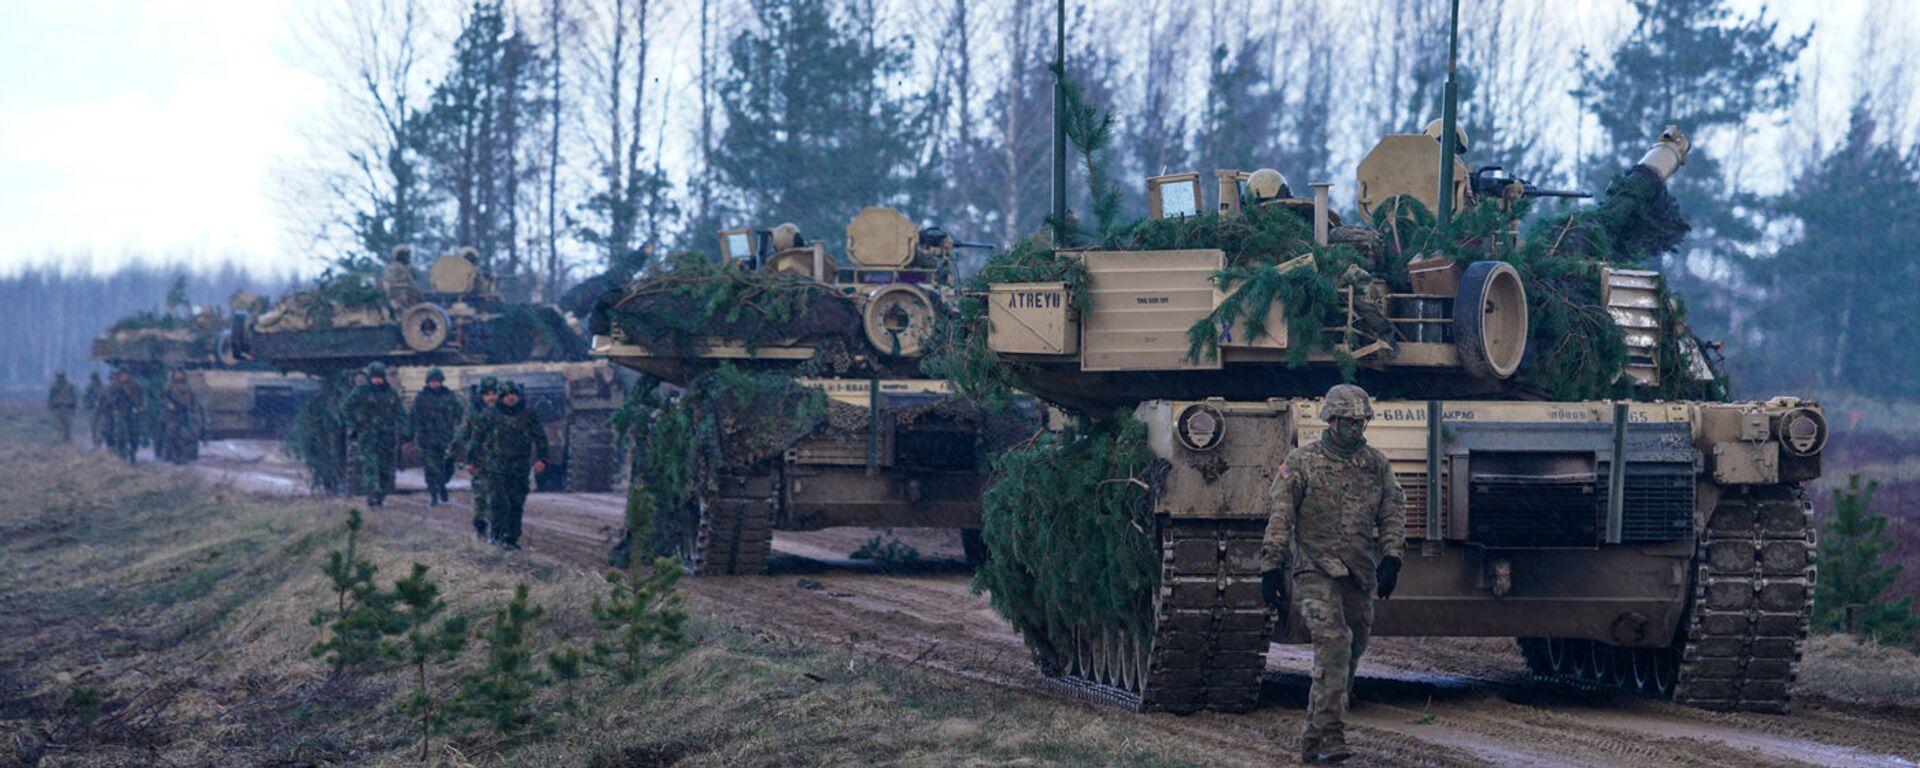 Основной боевой танк США M1A2 Abrams на международных учениях Summer Shield XIV - Sputnik Латвия, 1920, 04.09.2021